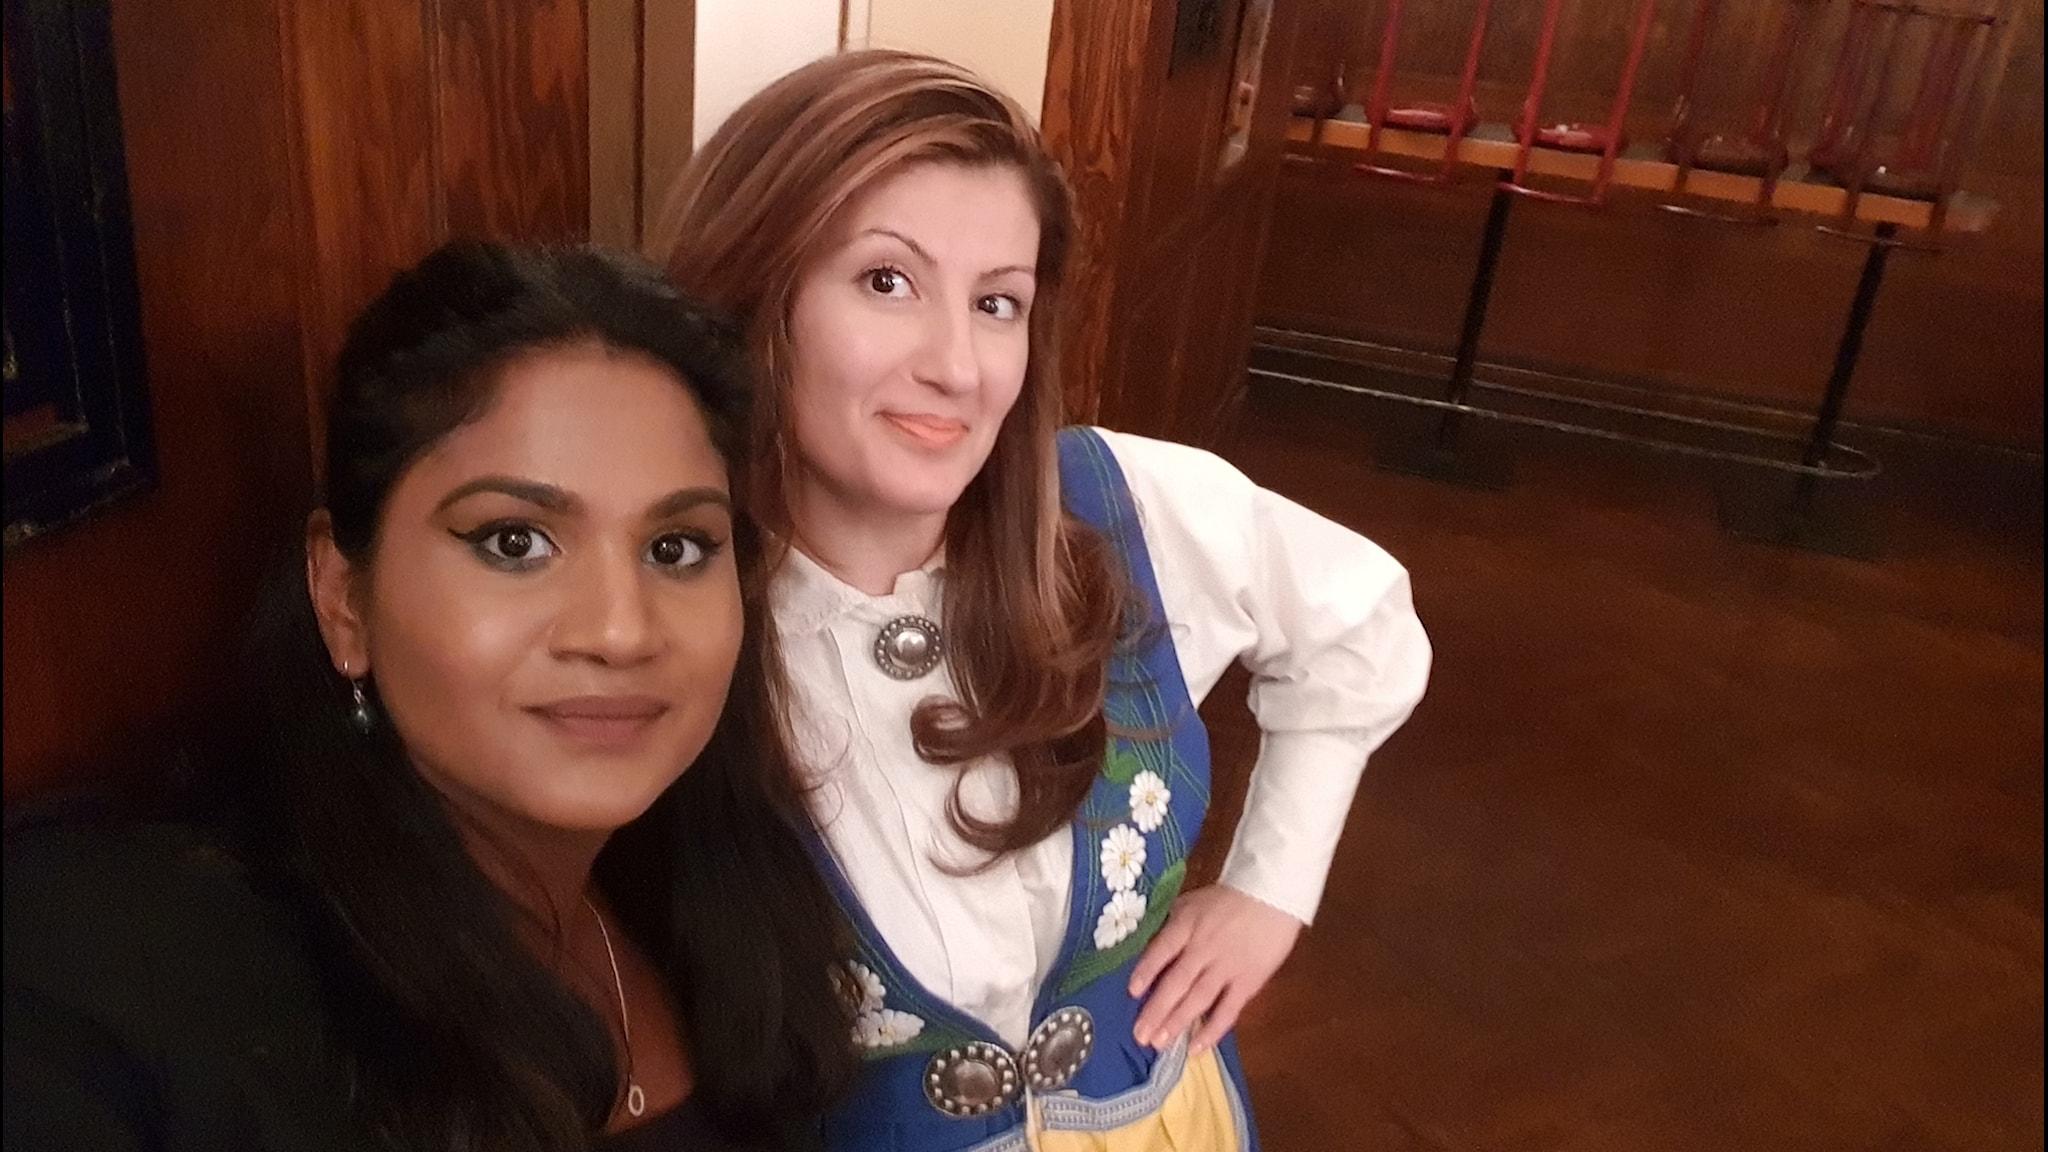 Komikern Nisti Stêrk om dokumentären om svenska kvinnliga komiker, Storbritannien har konststress pga Brexit, J Balvin till Sverige.